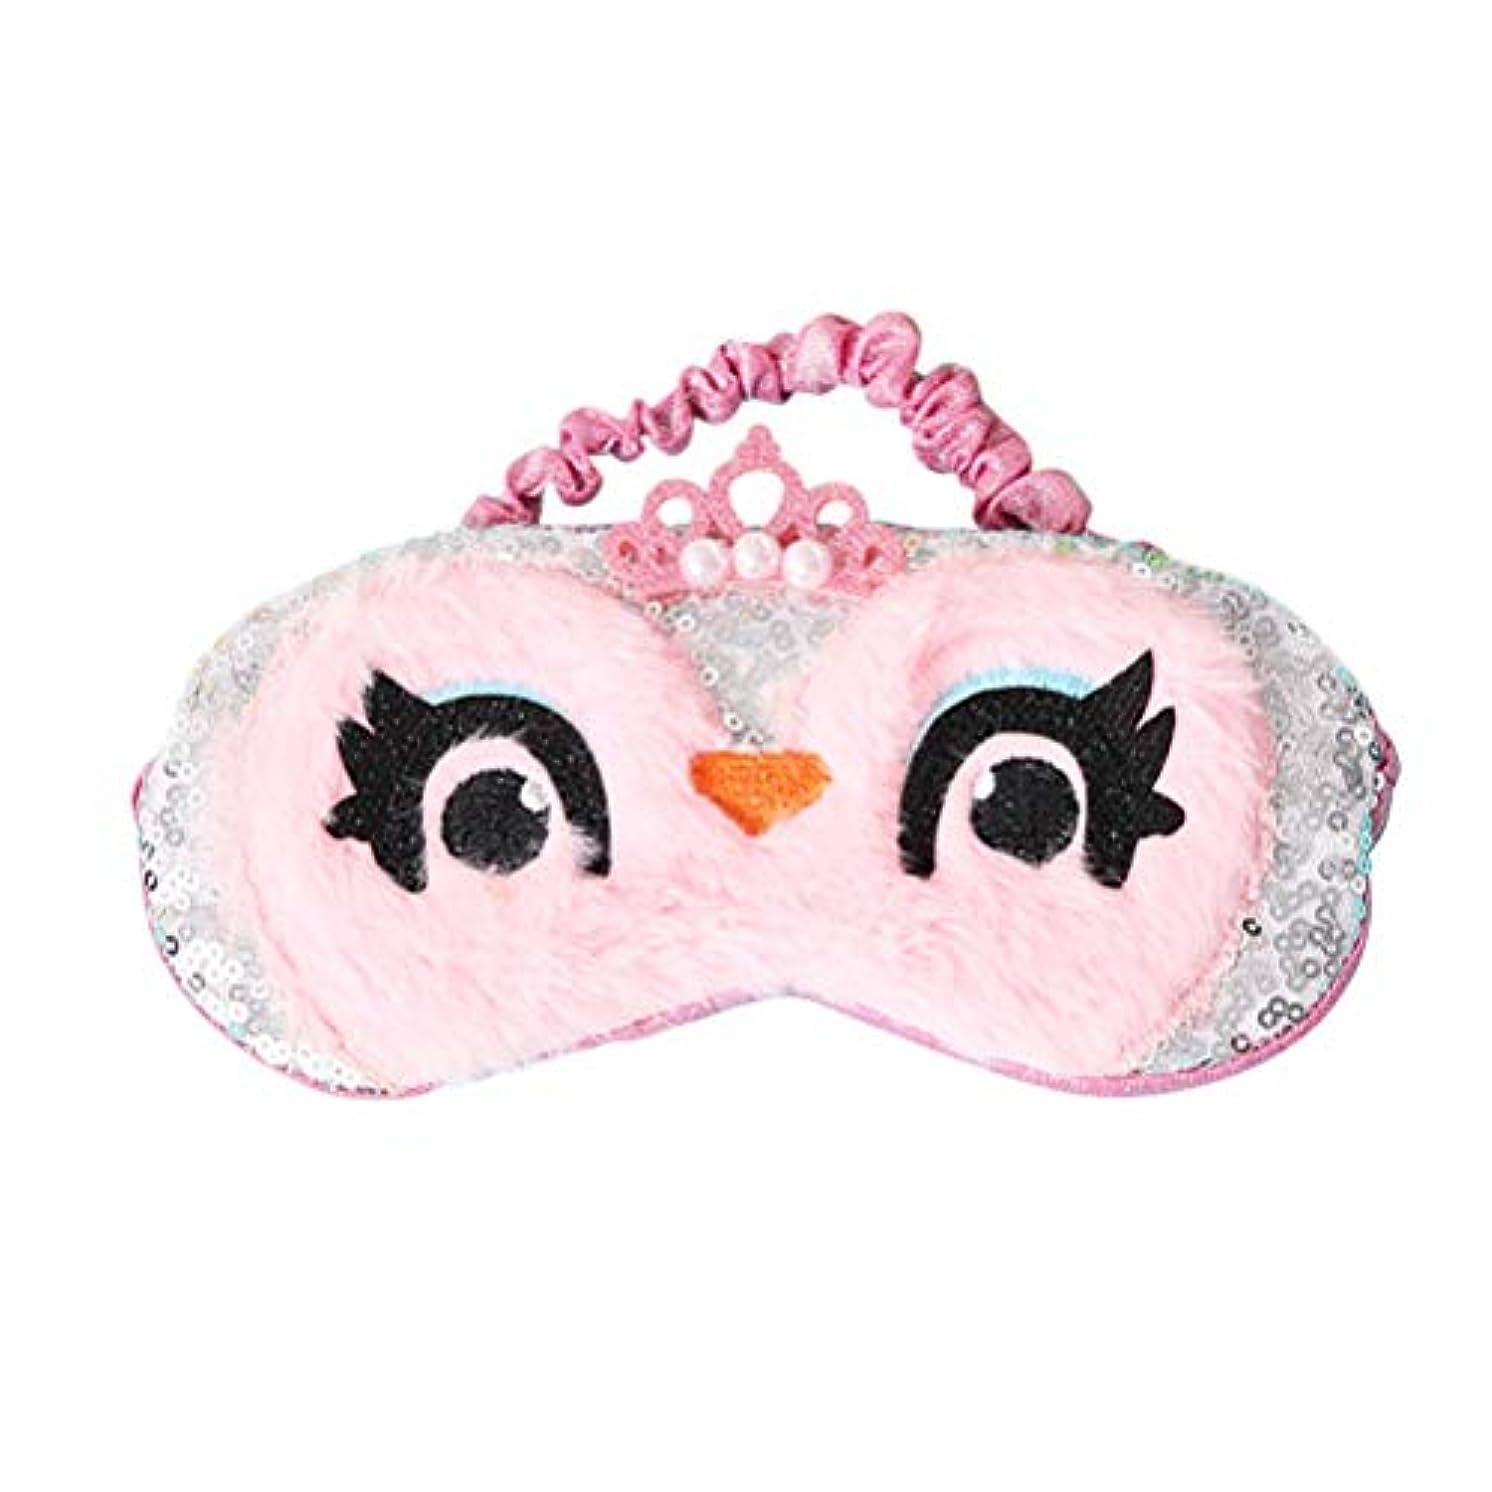 殺人者作成する評価Healifty アイマスクかわいいぬいぐるみ目隠しアイカバー用女性女の子子供ホームベッド旅行フライトカーキャンプ用(ピンク)